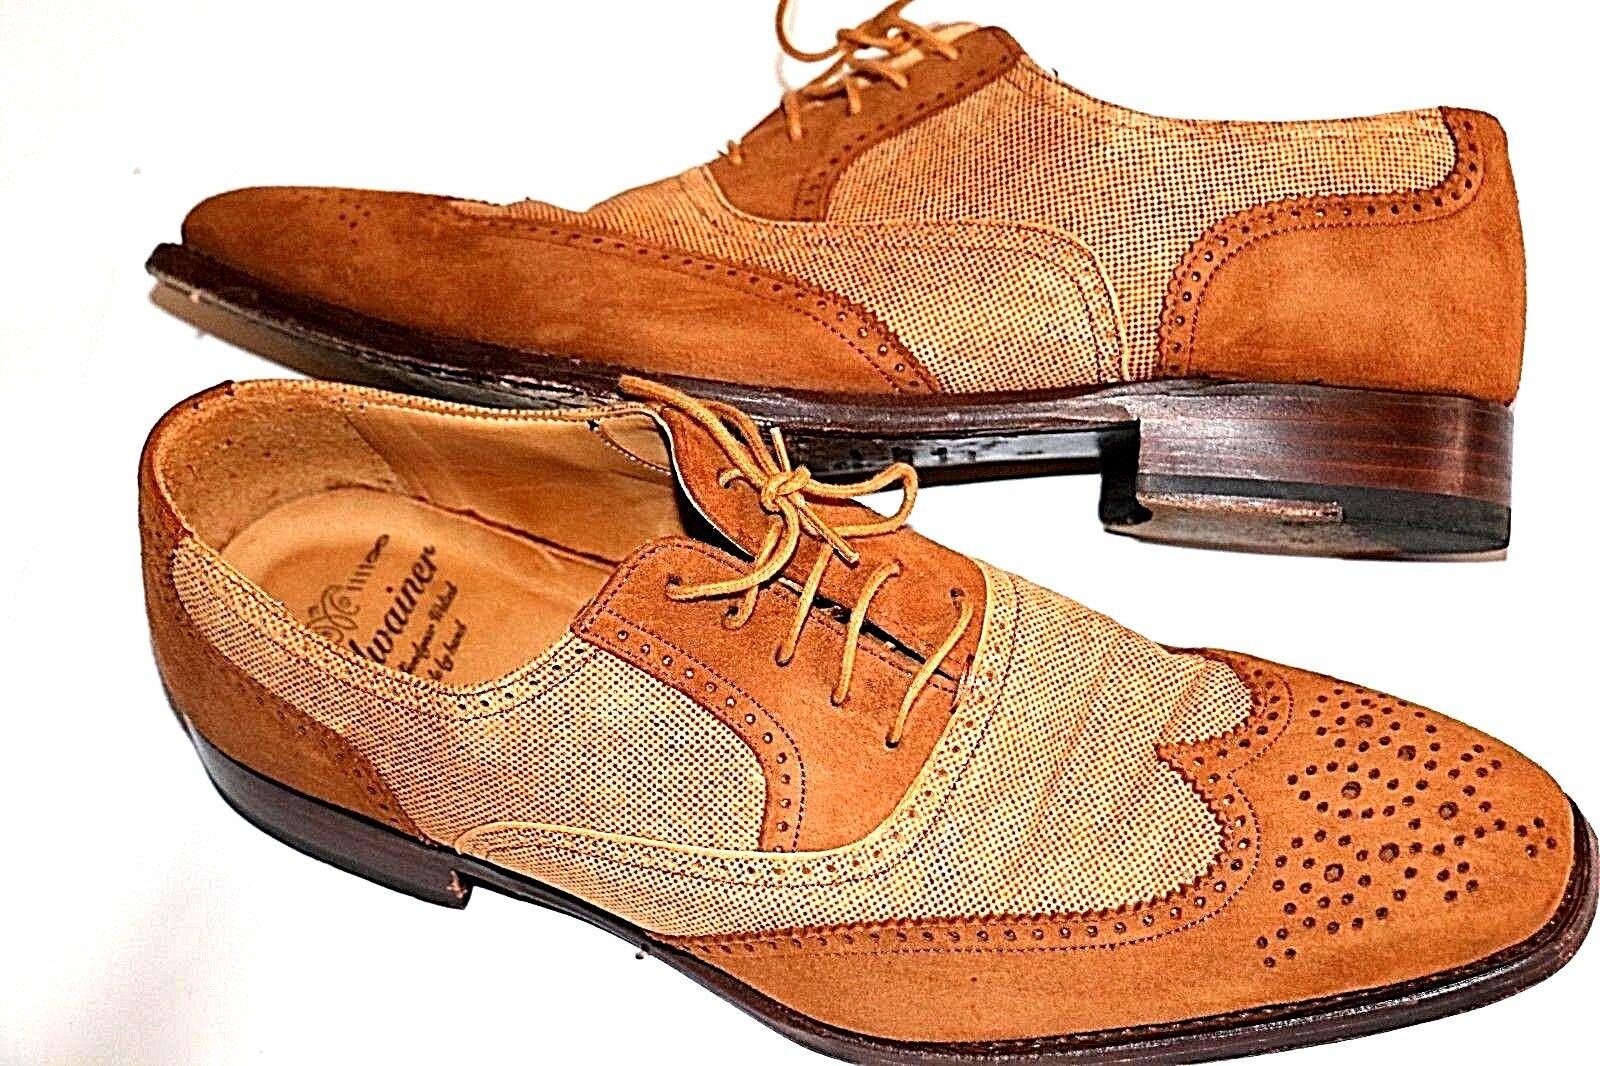 Edel Business Schuhe von Leder CORDWAINER Hand Made Echtes Leder von Gr. 8 f65f04